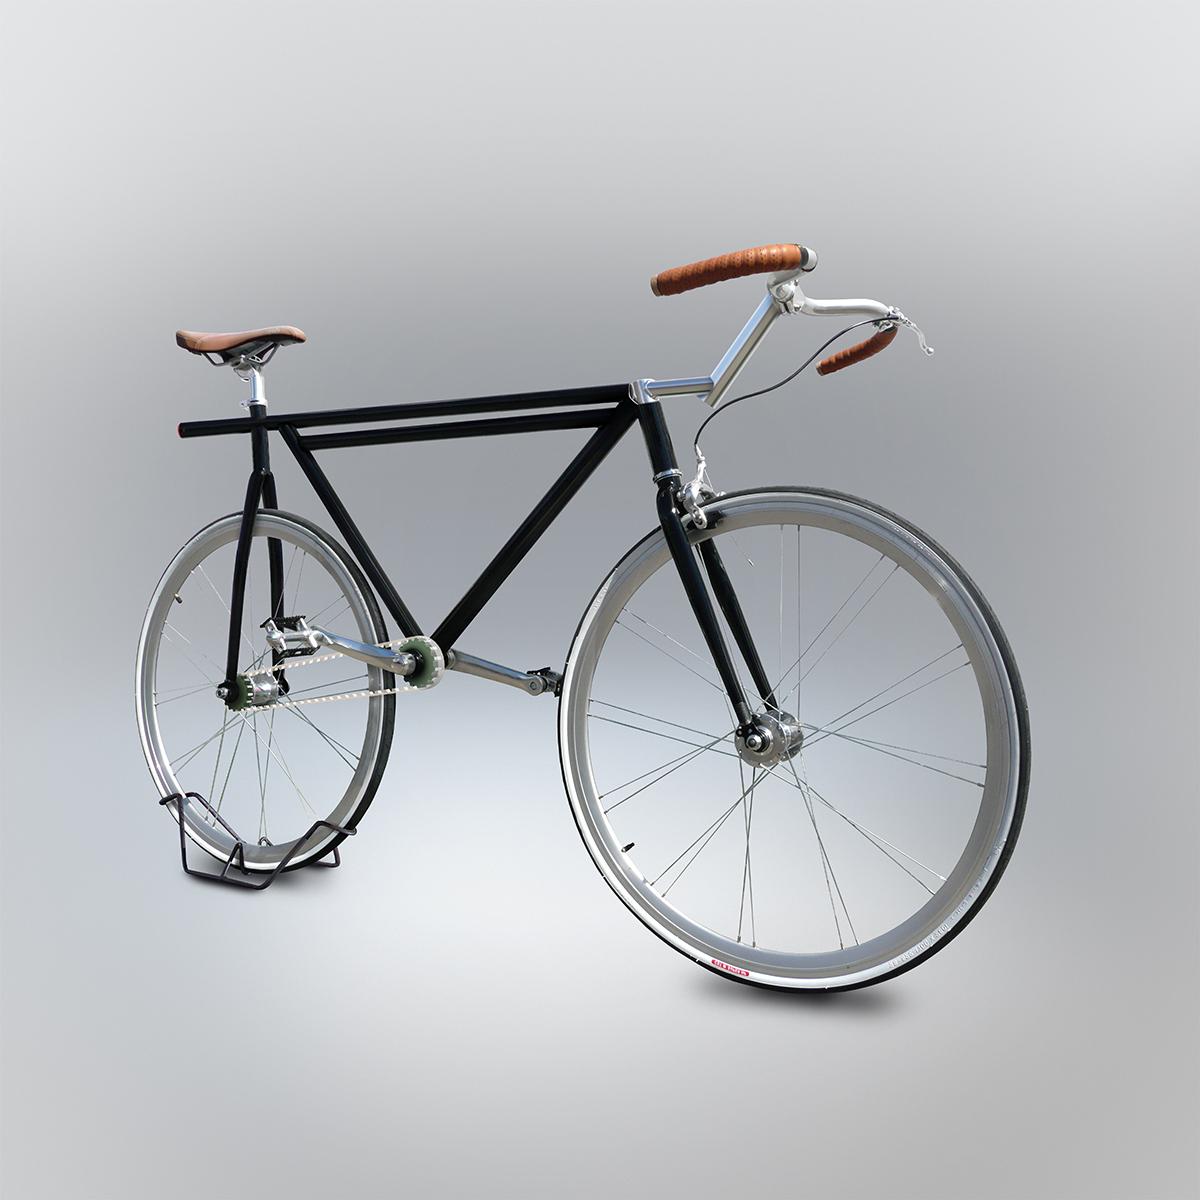 אופניים מהזיכרון